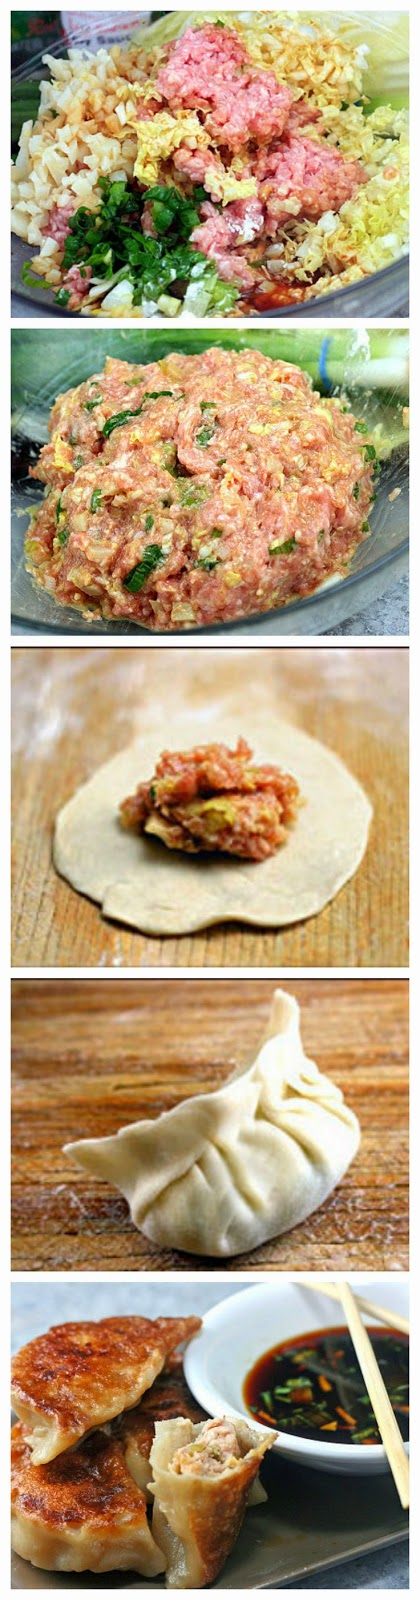 #Homemade #Dumplings